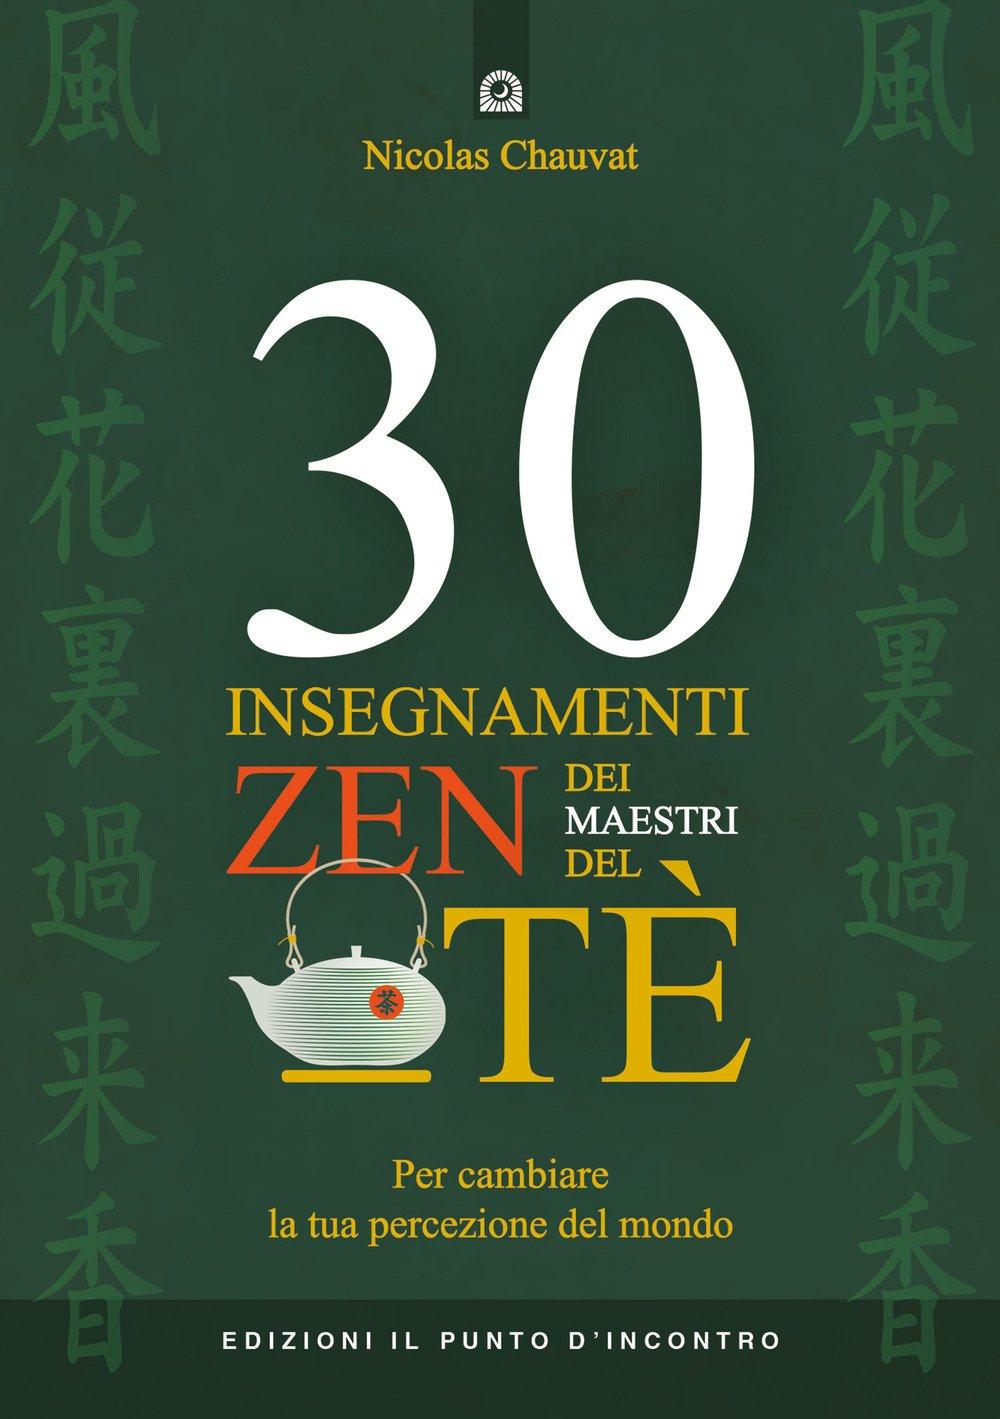 30 insegnamenti zen dei maestri del tè. Per cambiare la tua percezione del mondo Copertina flessibile – 21 giu 2018 Nicolas Chauvat I. Dal Brun Il Punto d' Incontro 8868205114